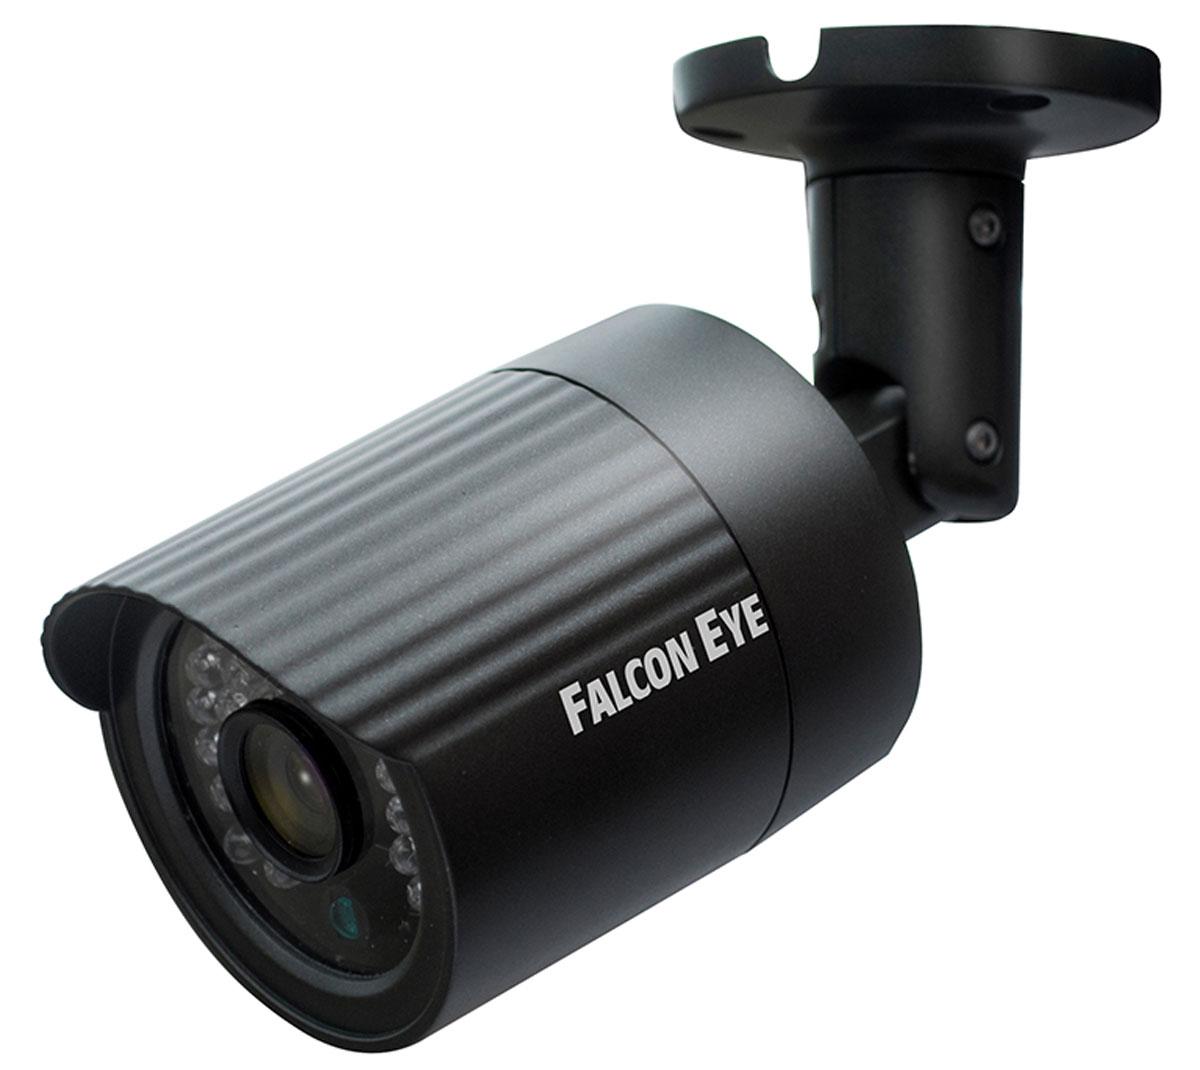 Falcon Eye FE-IPC-BL100P уличная IP-камераFE-IPC-BL100PСетевая уличная видеокамера Falcon Eye FE-IPC-BL100P построена на CMOS матрице OmniVision 1/4, с разрешением 1.3 мегапикселя. На устройстве установлен объектив с фокусным расстоянием 2,8 мм, что при матрице такого размера будет давать угол обзора, сопоставимый с объективом 3,6 мм. Камера выполнена в миниатюрном металлическом корпусе и способна выдавать в сеть видео поток с разрешением 1280х720Р. Возможность работать по Poe является дополнительным бонусом данной модели.Скорость затвора: 1/25 - 1/10000День/ночь: Auto/B/W/Color/EXT ICR switchingФункционал: DWDR, 3D NКРазрешение: 1280 х 720Видео: Bit rate 1024Kbps-6144KbpsМобильные платформы: Apple, AndroidПотребляемая мощность: менее 5 Вт